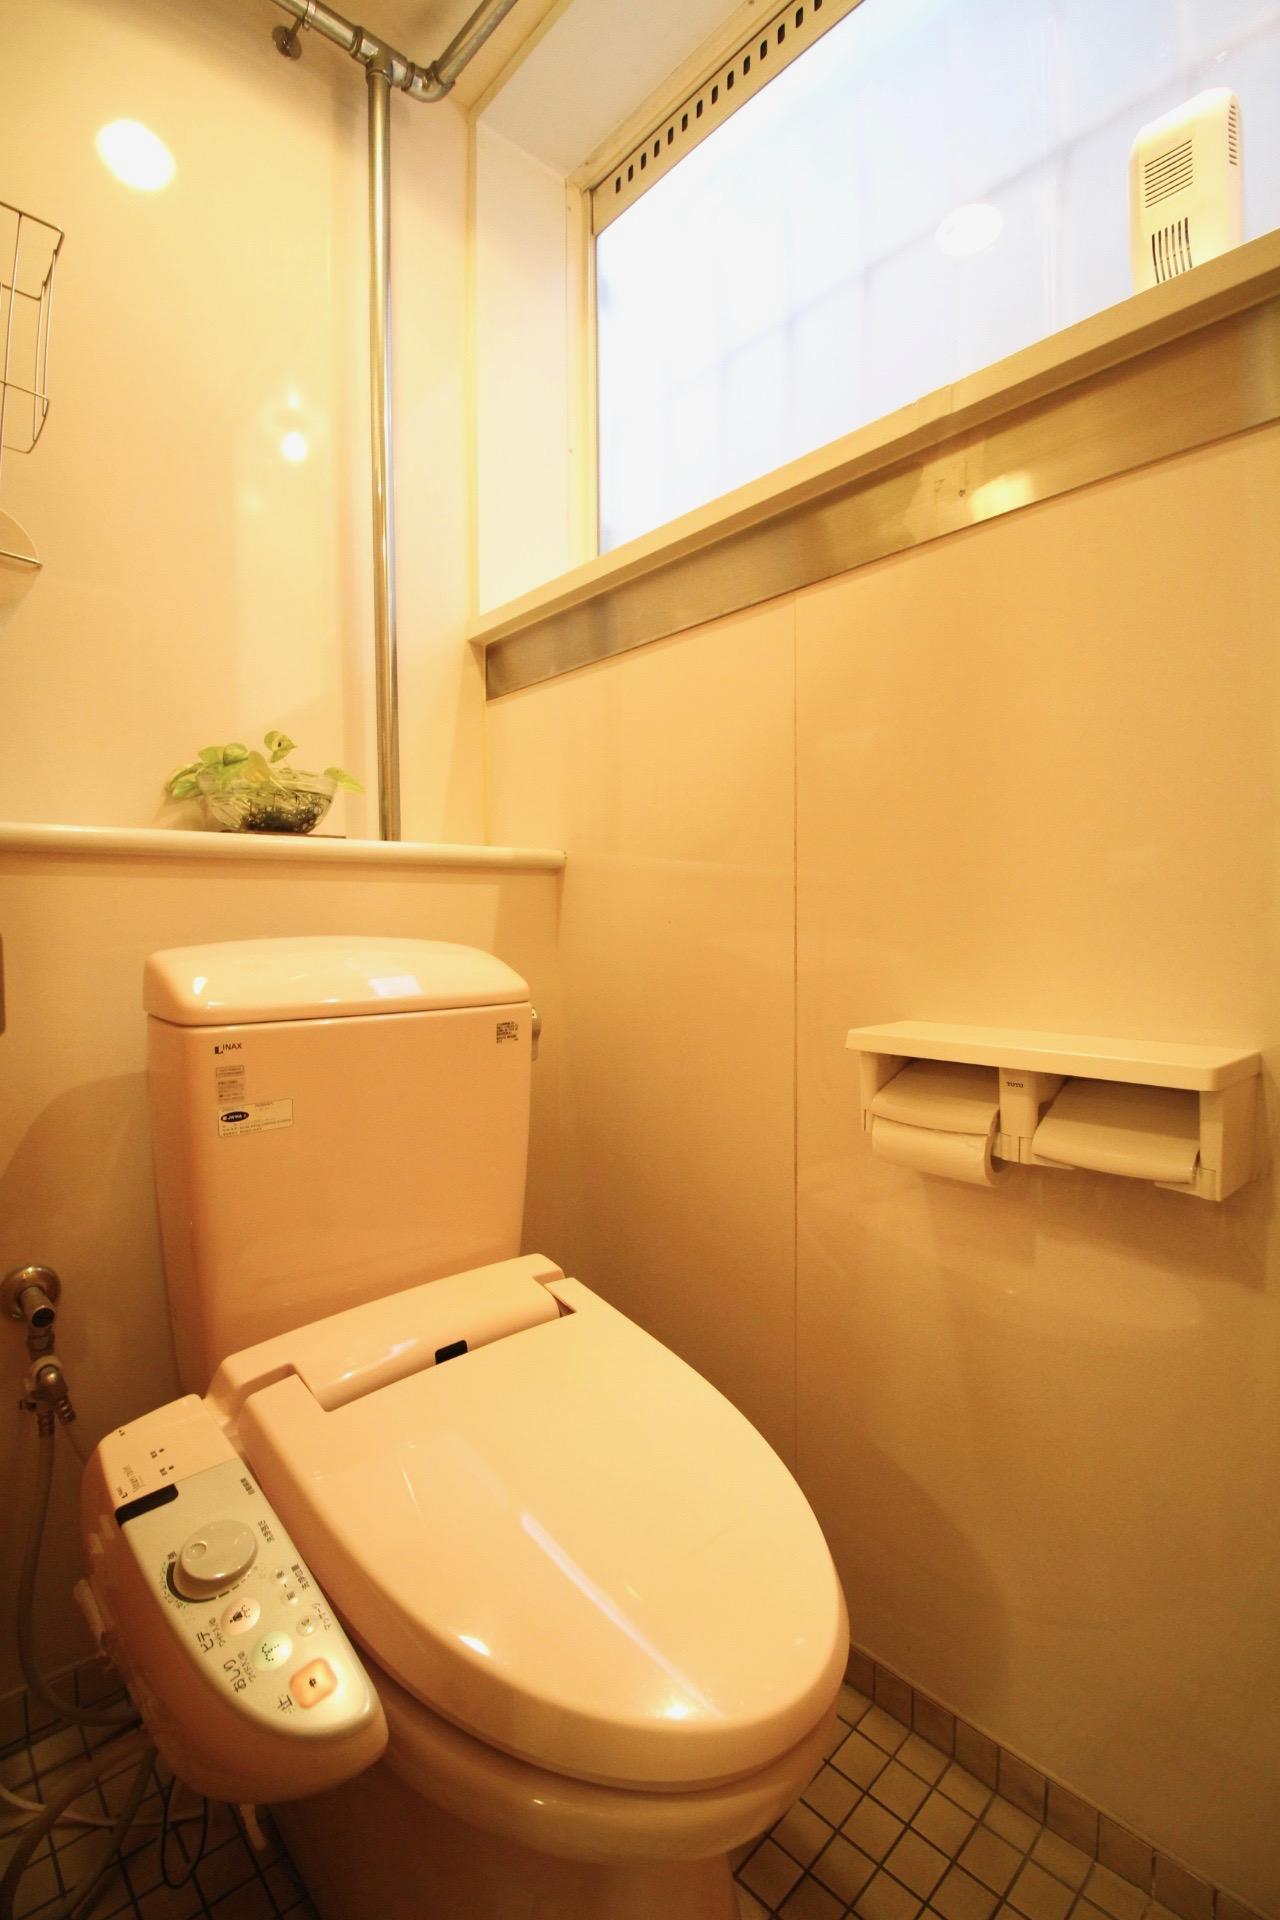 トイレ(女性専用は洋式、ウォシュレット付)